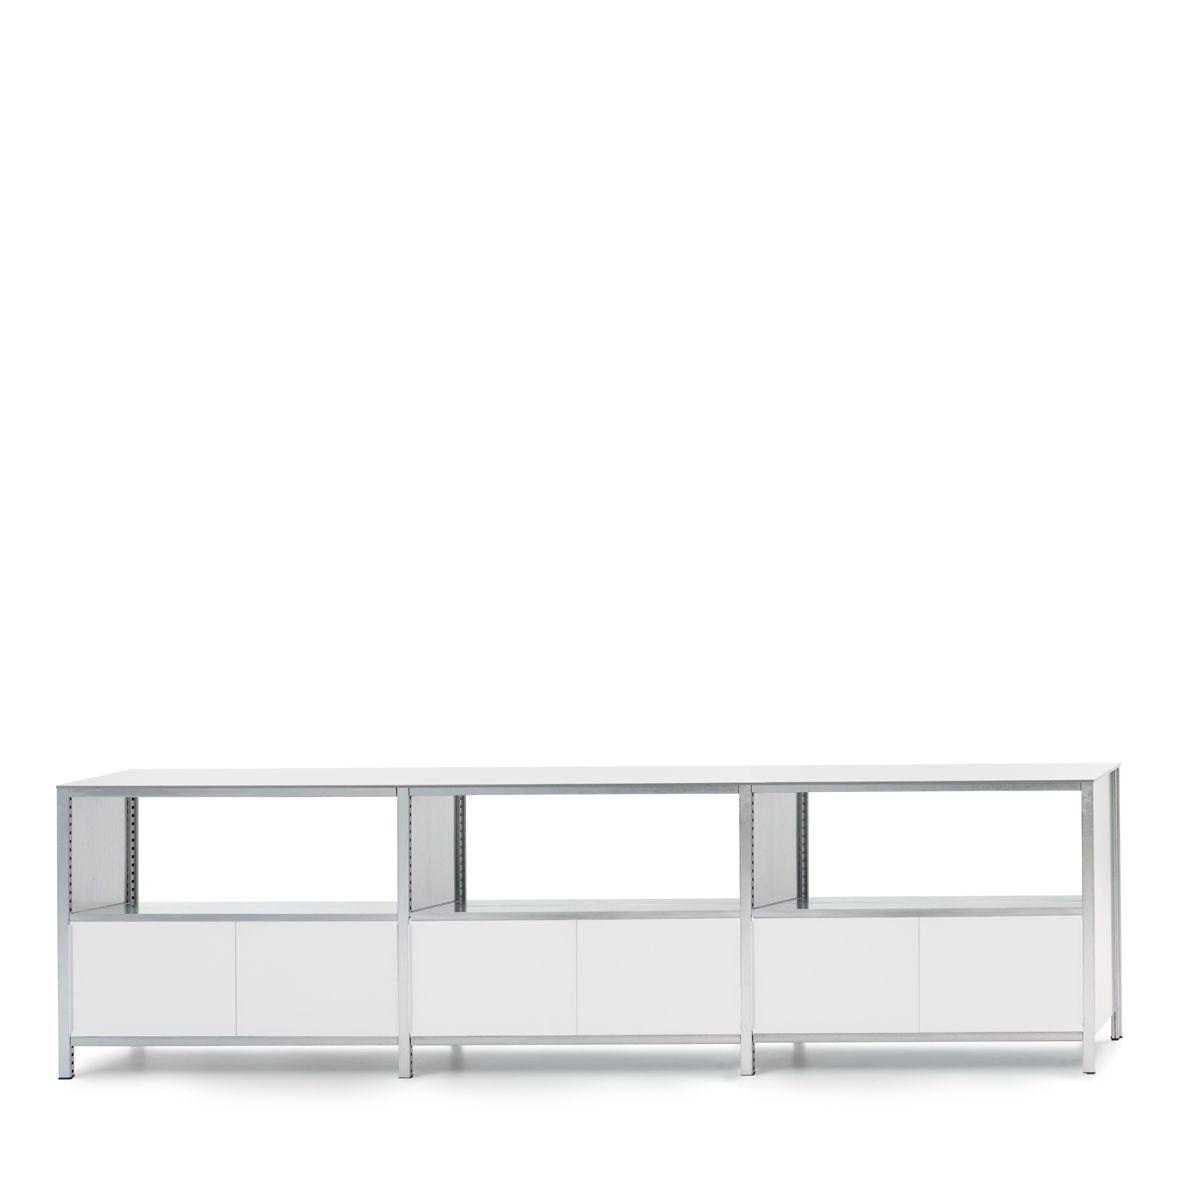 Mf System Langes Sideboard Mit Offnung Modernes Design Offenes Regal Lagerregale